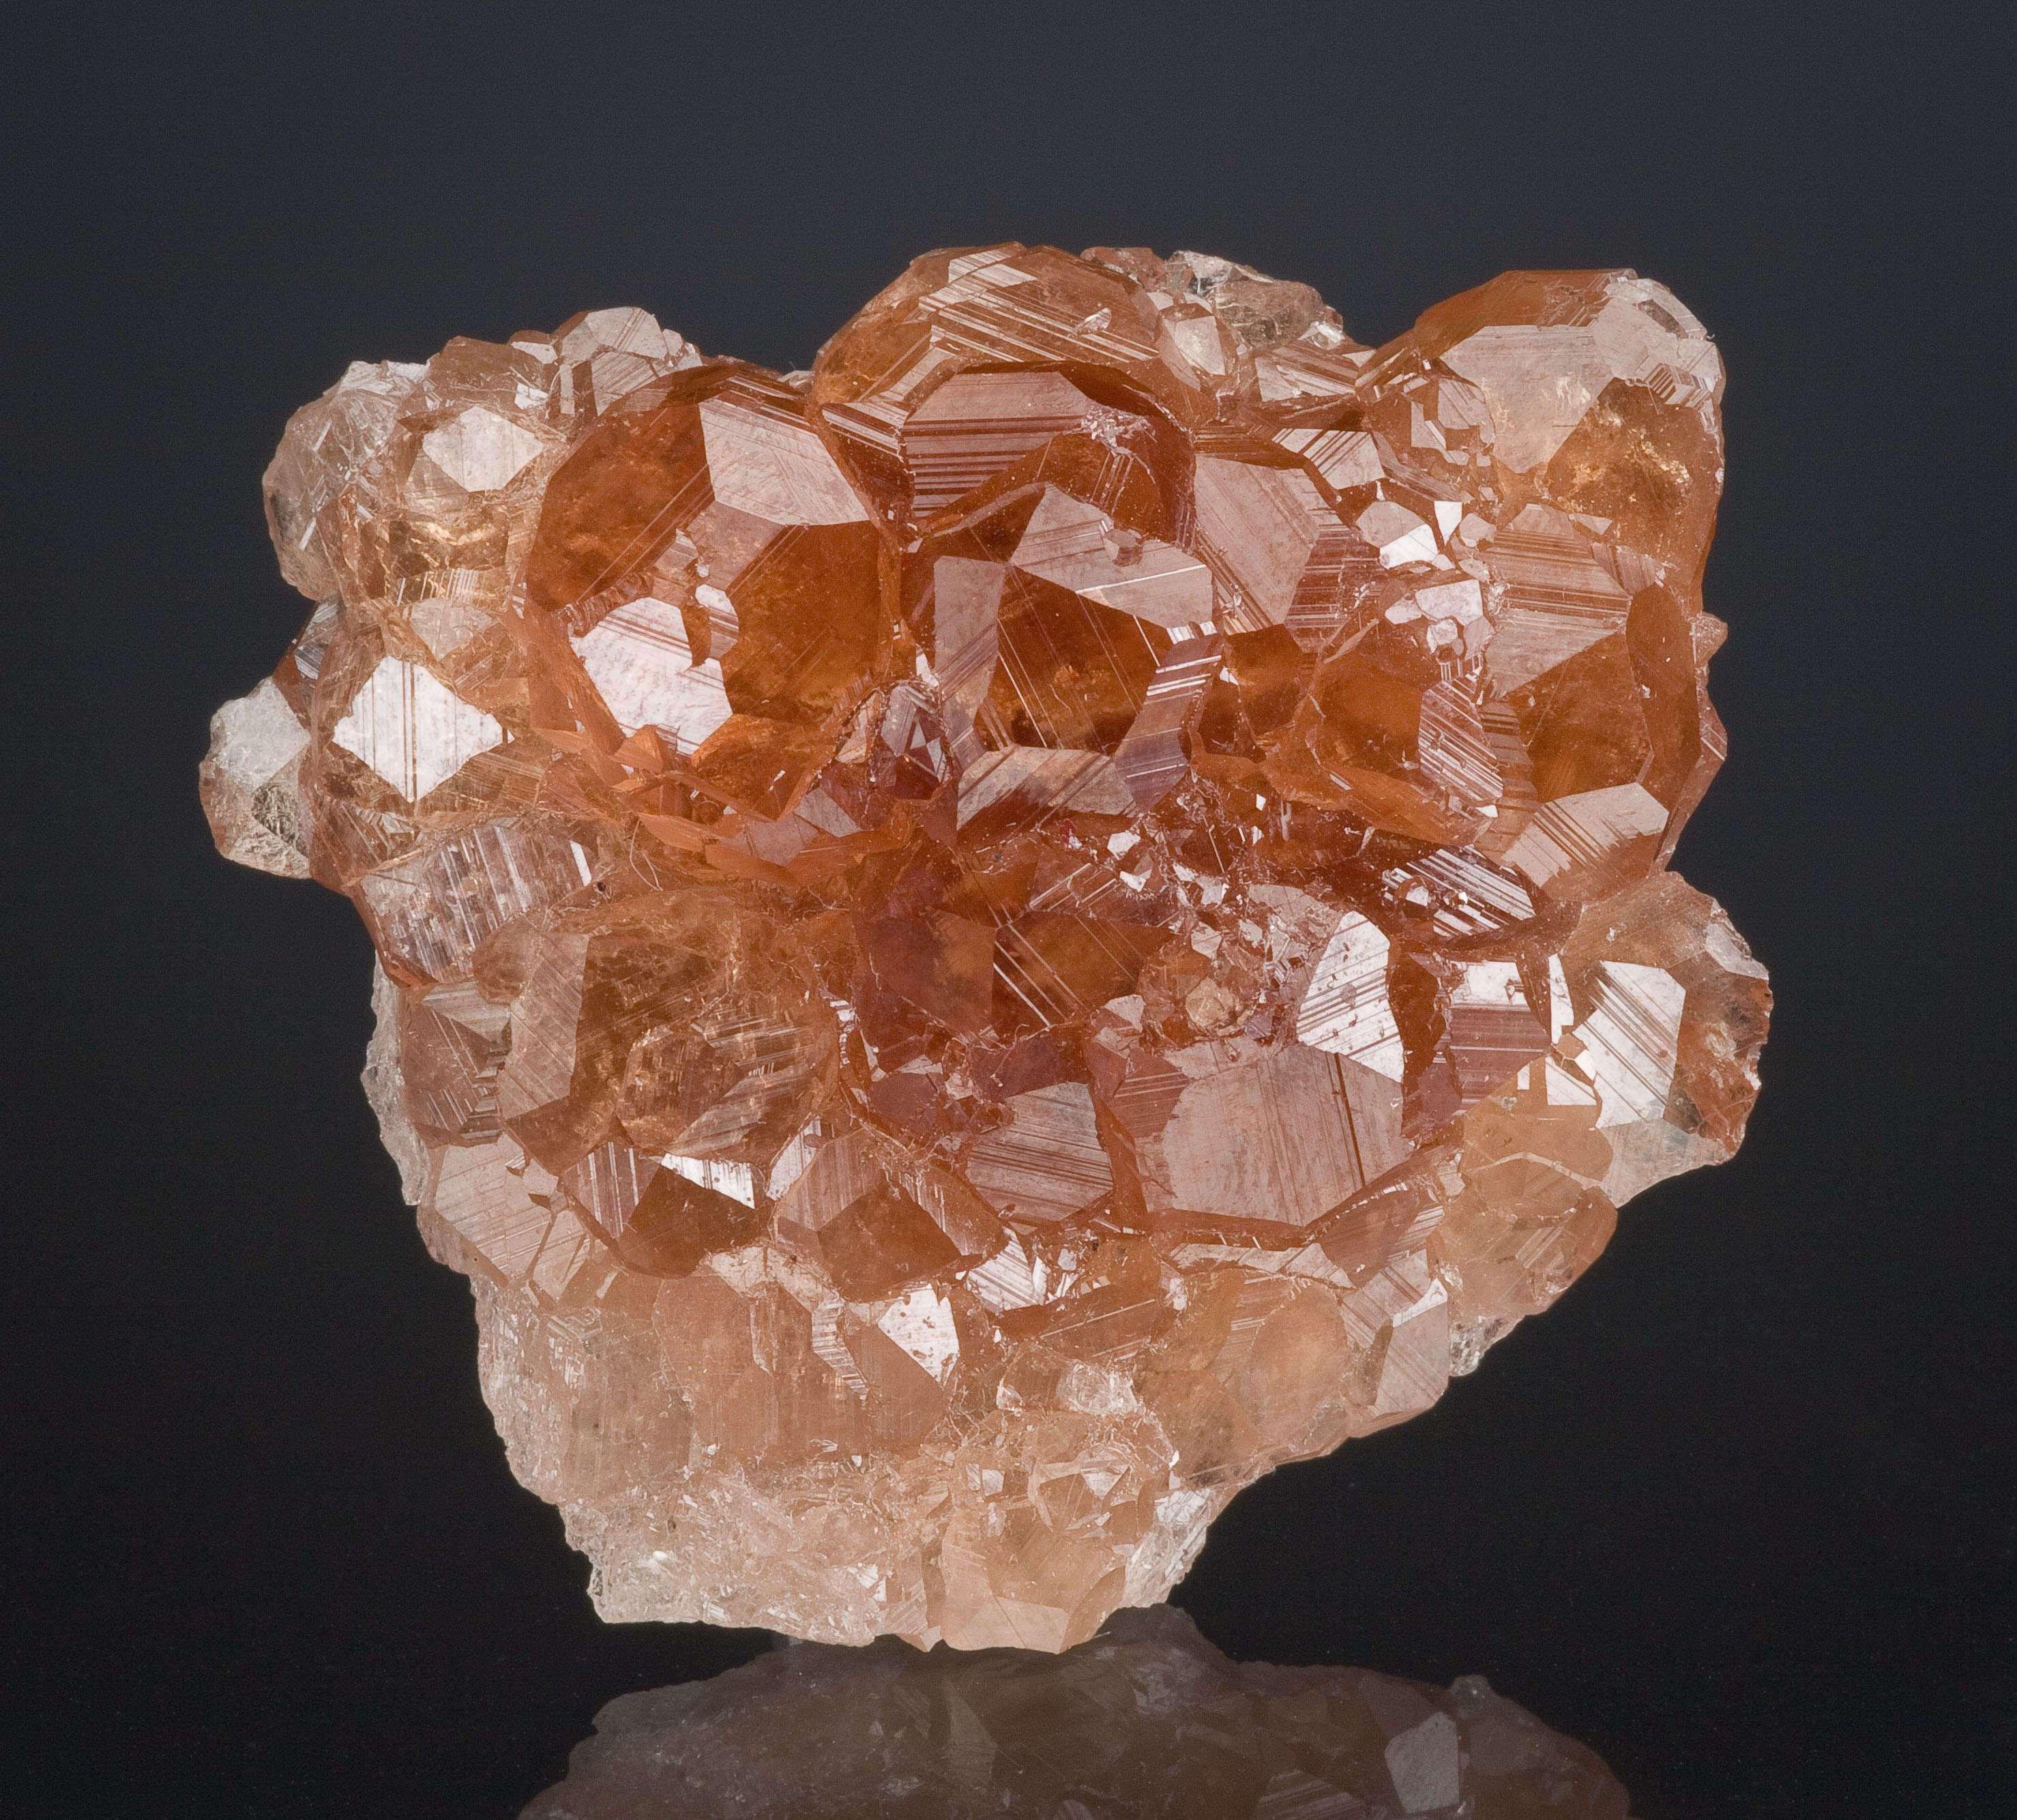 Glassy transparent richly colored garnet crystals 1 5 cm make